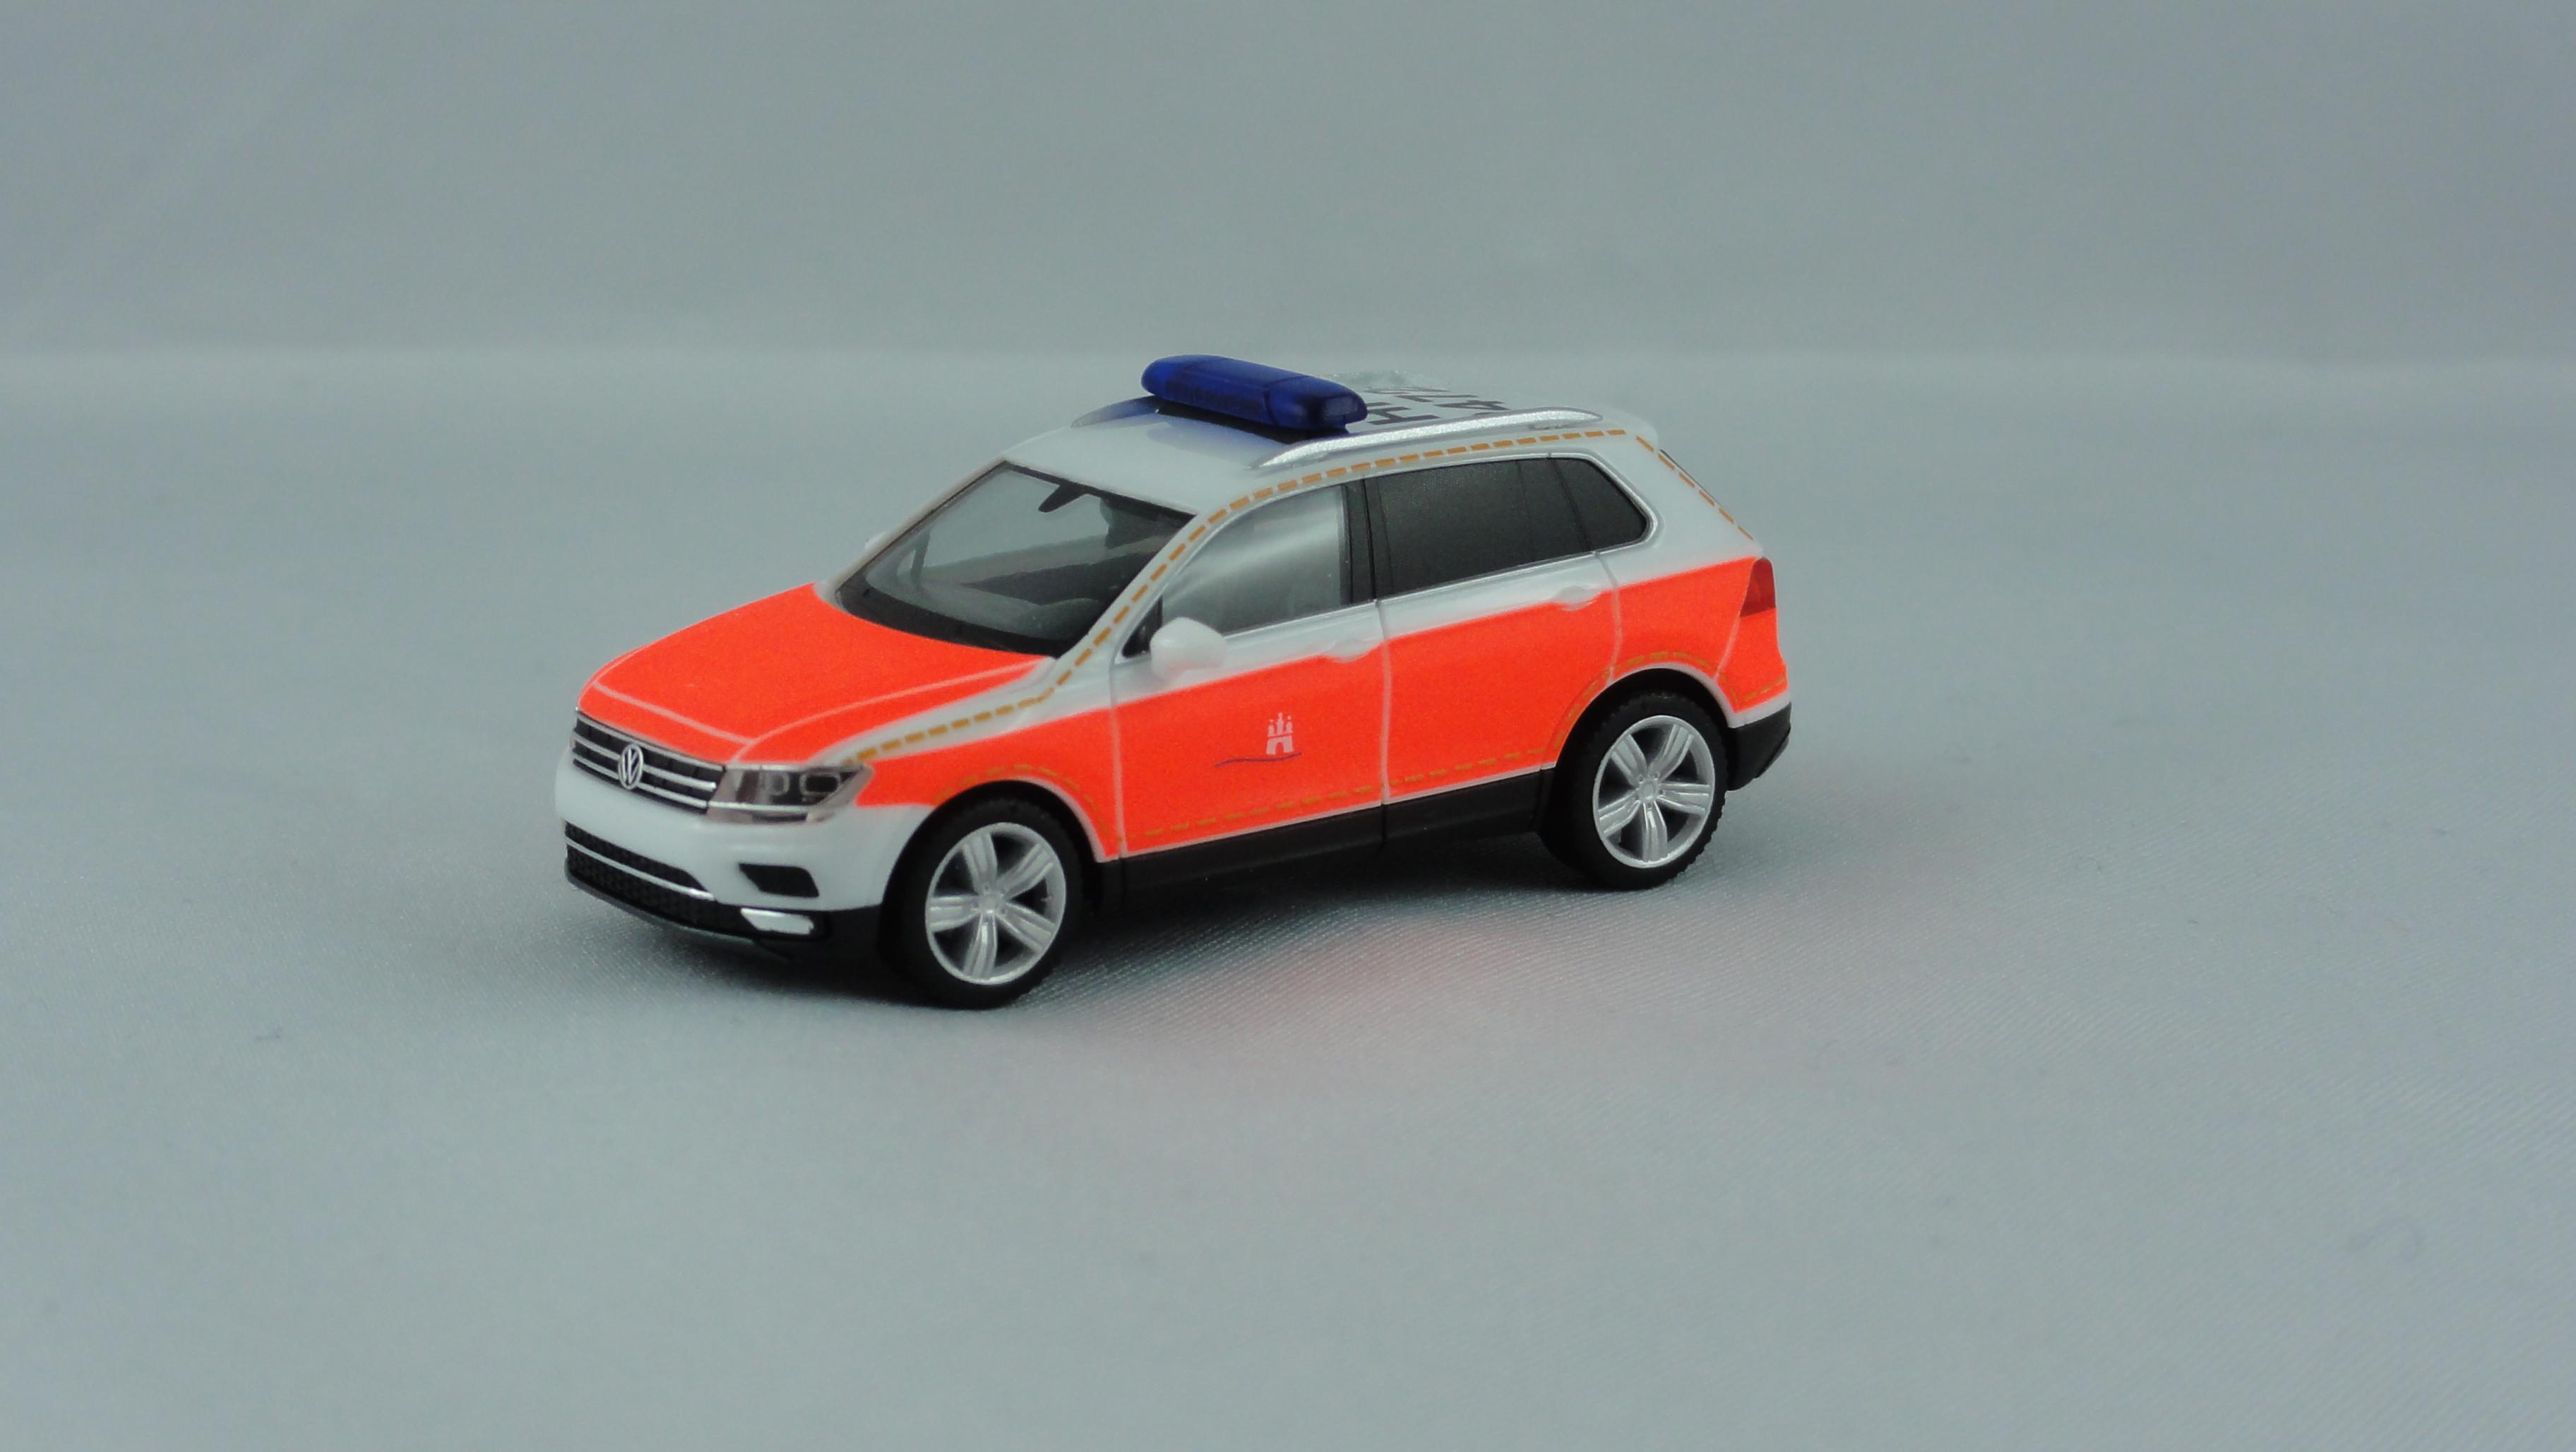 Herpa VW Tiguan KdoW Feuerwehr Hamburg BF Berliner Tor HH - 2472, Sondermodell Auflage 200 Stück